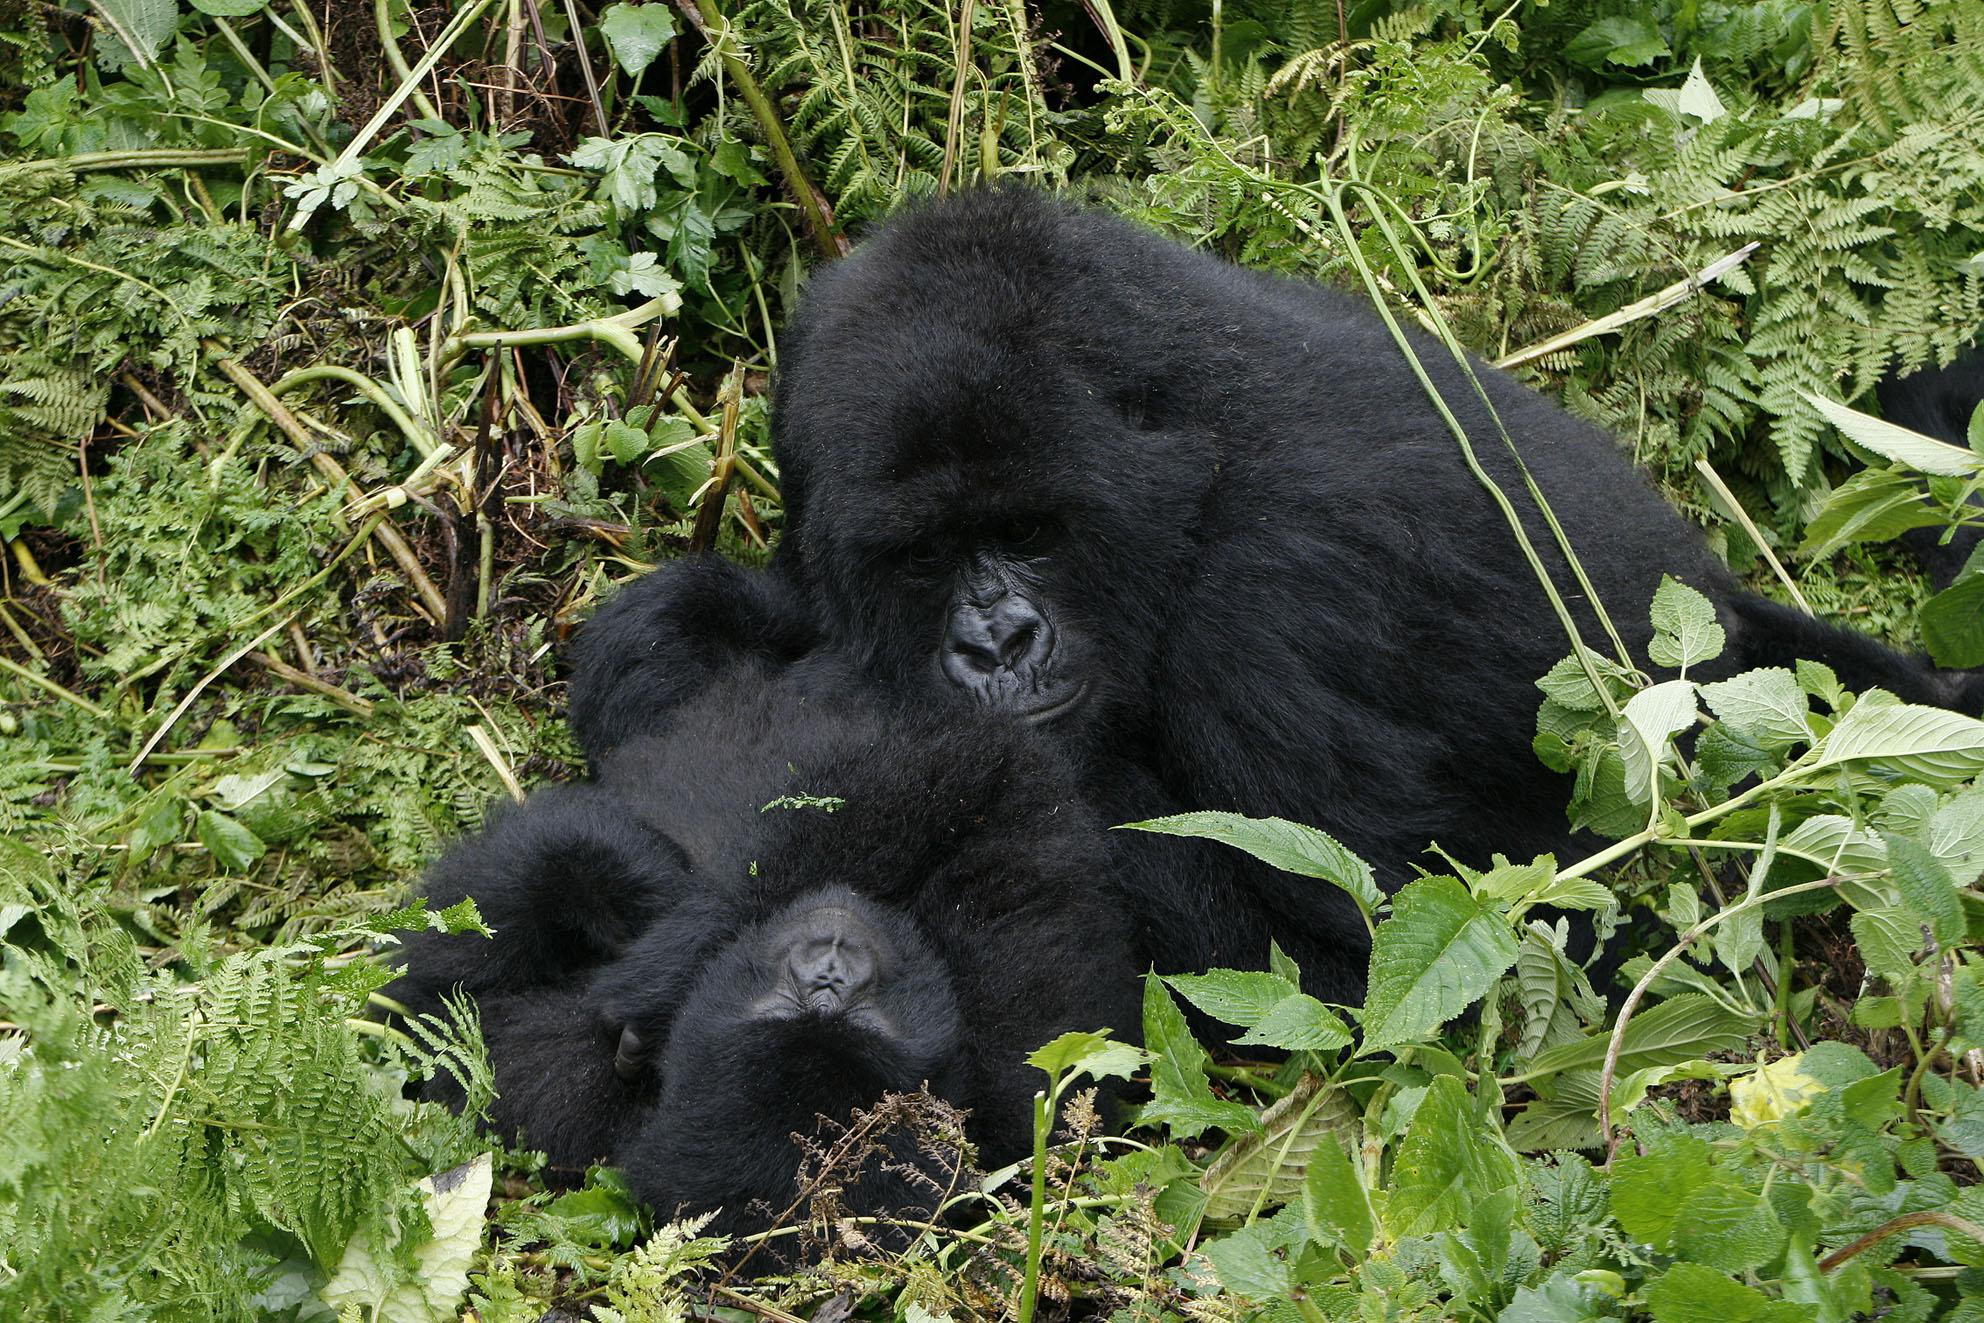 国际生物多样性日 小编带你认识珍稀濒危野生动物